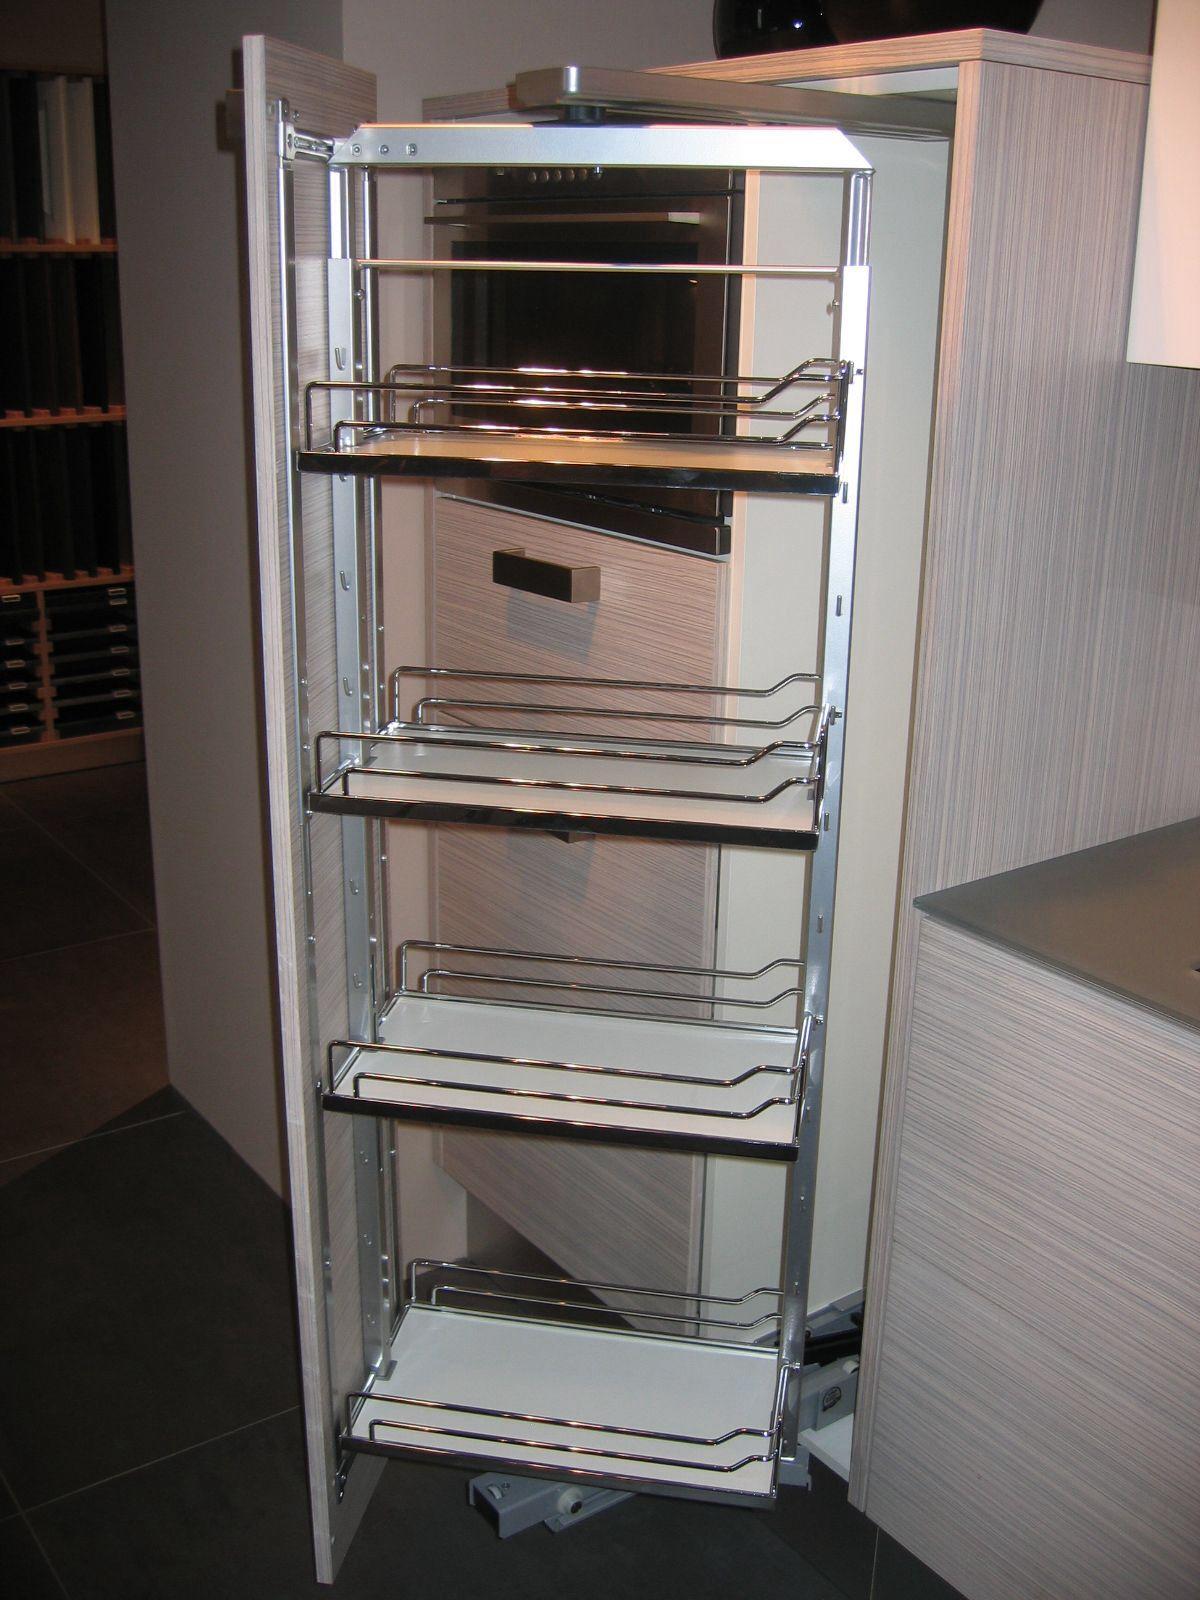 Apothekerskast Met Uitdraai Berging Keukens En Keuken